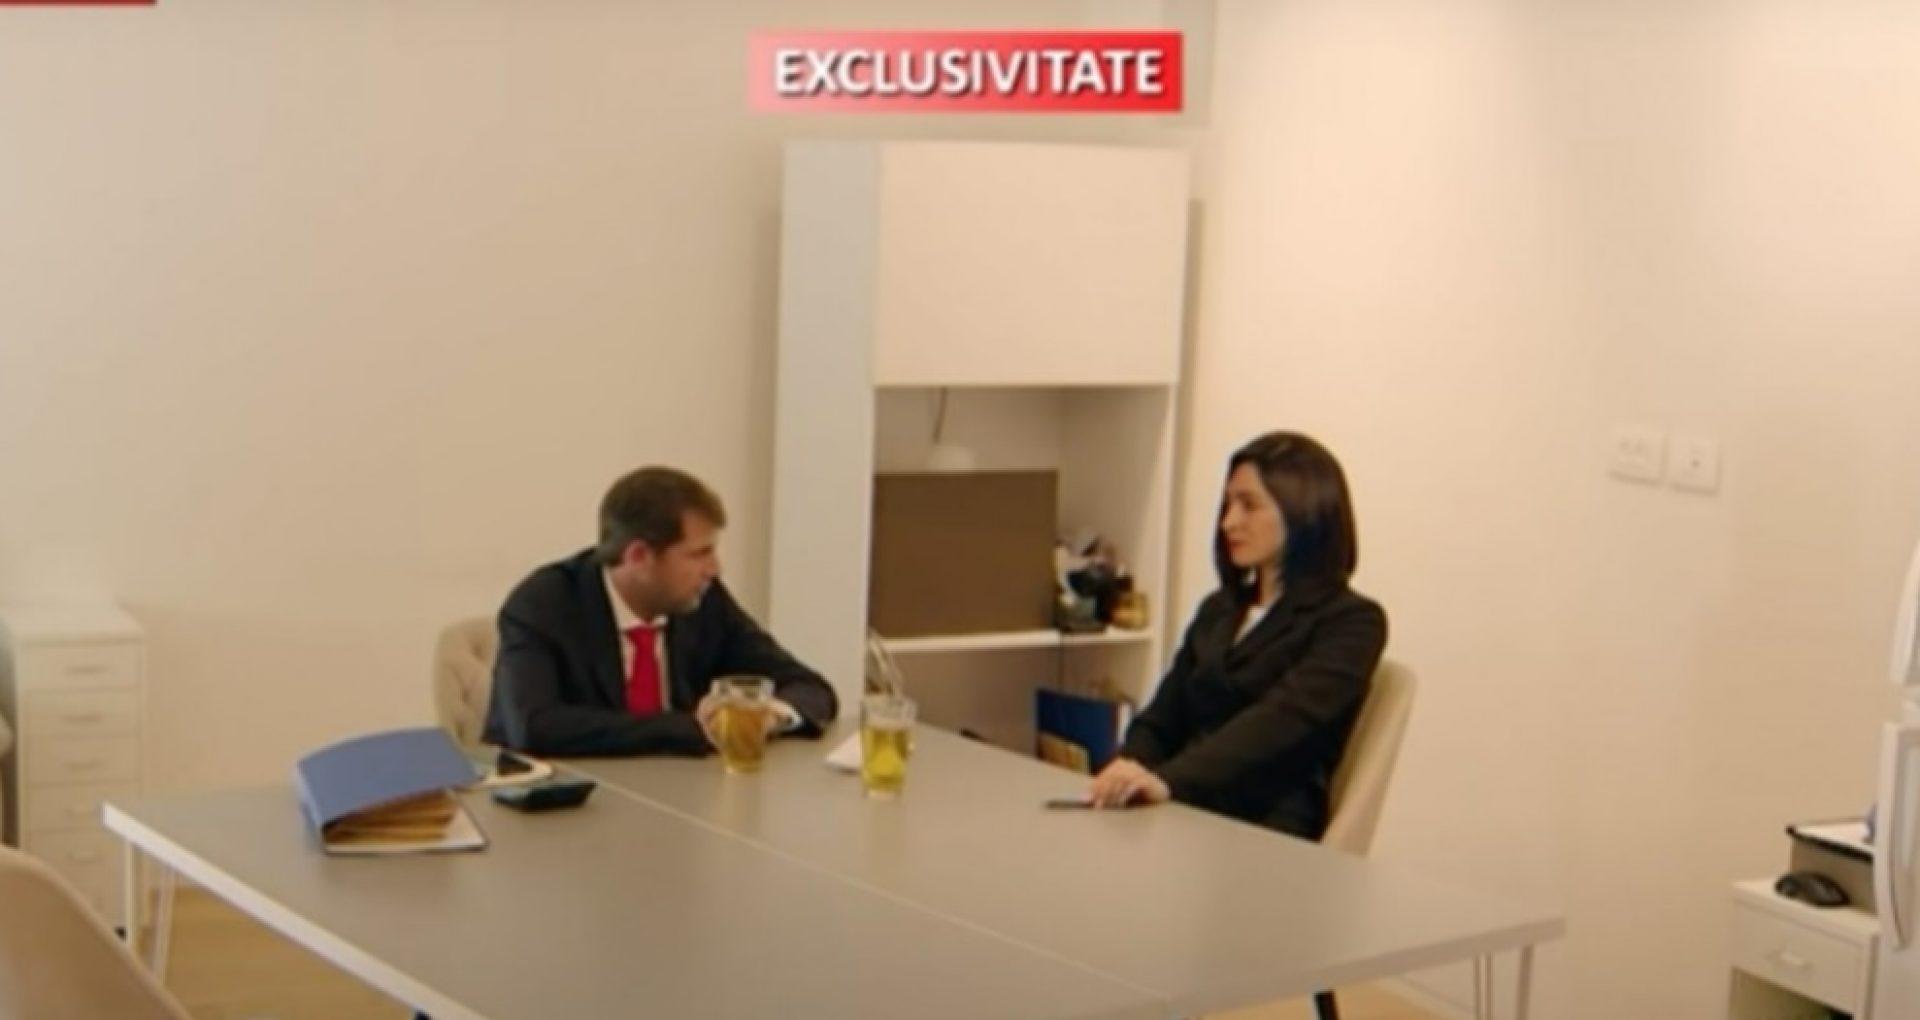 """Președinta Sandu, după imaginile trucate în care ea apare alături de Șor: """"Niciodată nu m-am întâlnit cu Șor. Avem nevoie de o Legislația mai dură"""""""